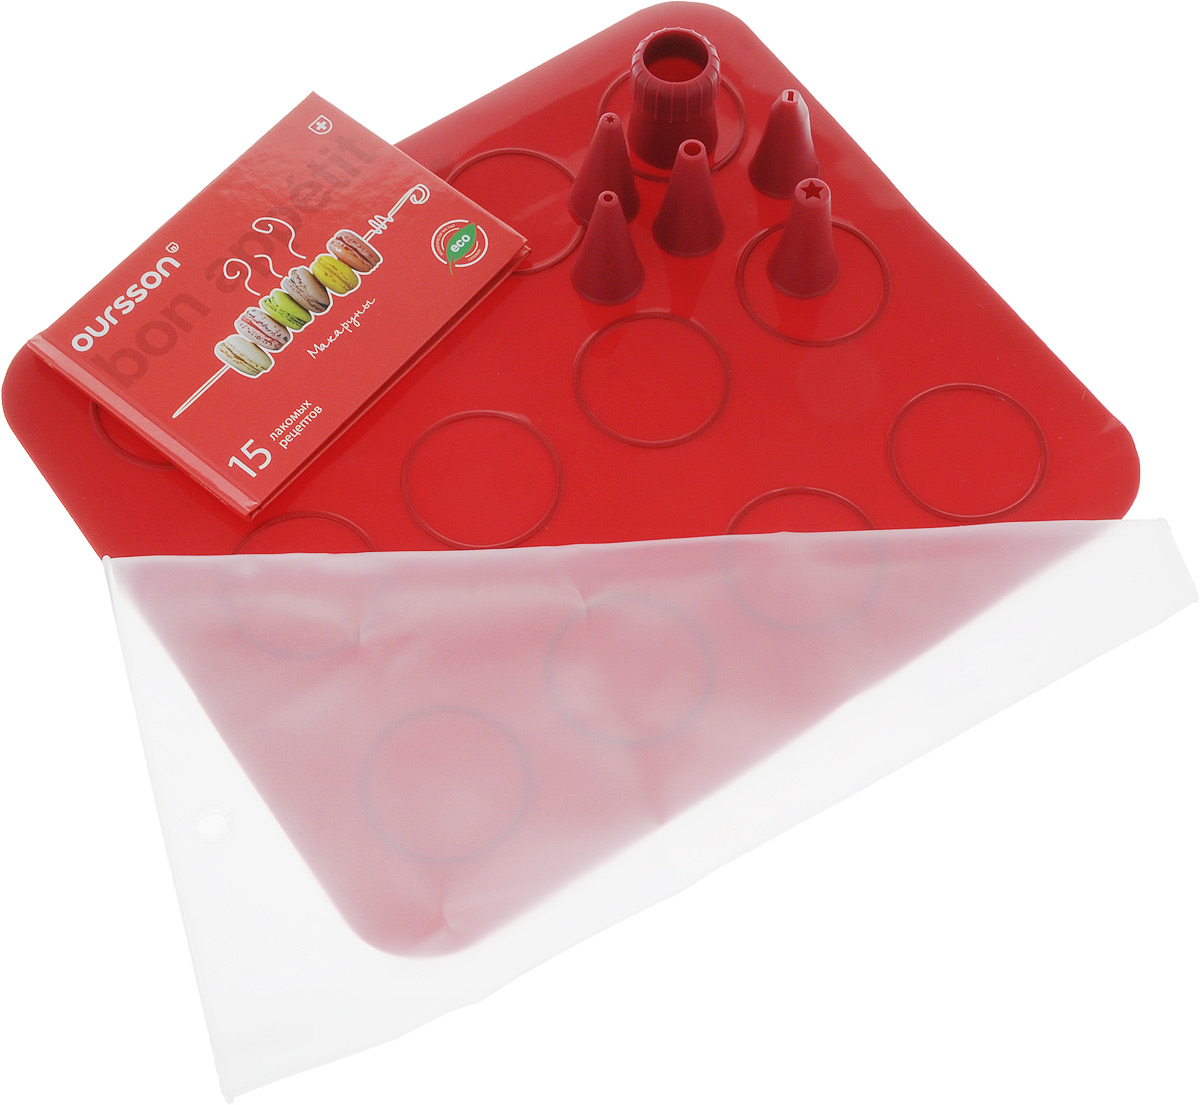 Набор для выпечки макарун Oursson, цвет: красный, 8 предметов набор для выпечки oursson silicone bw3150ss mc